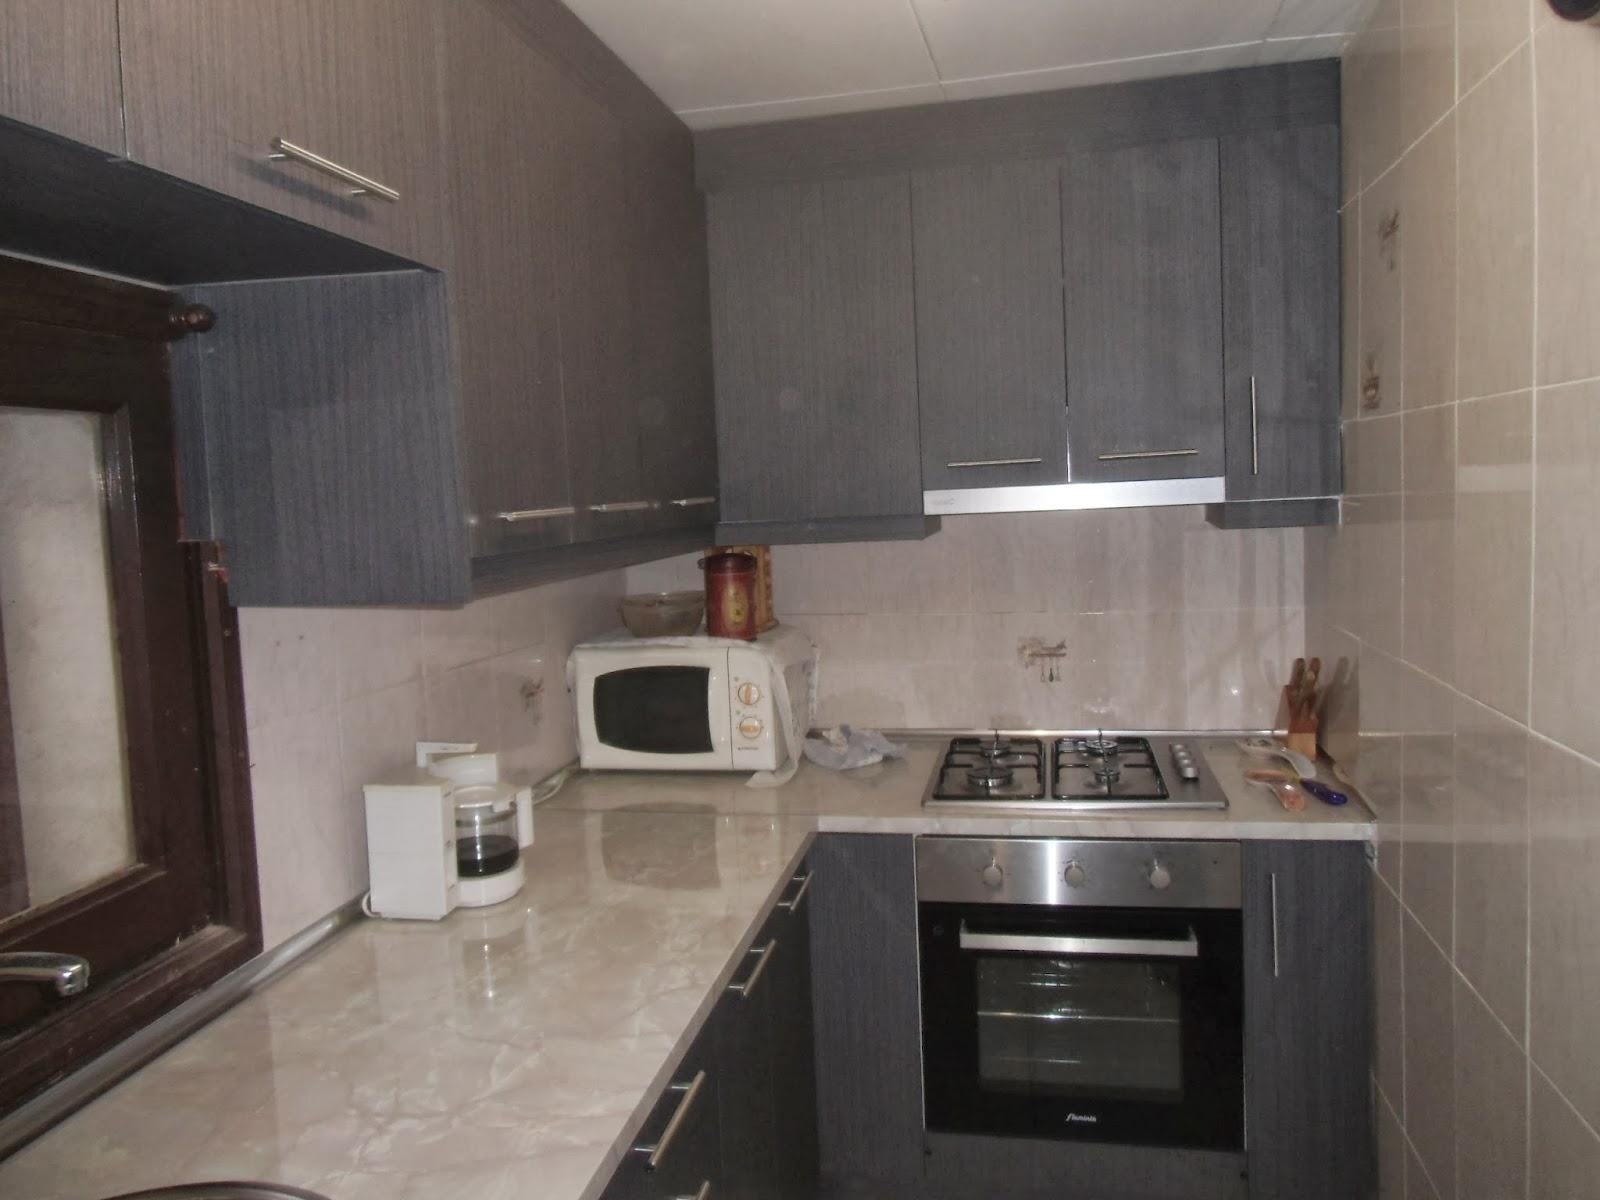 Kit oulet 2012 ofertas enero for Precio encimera marmol